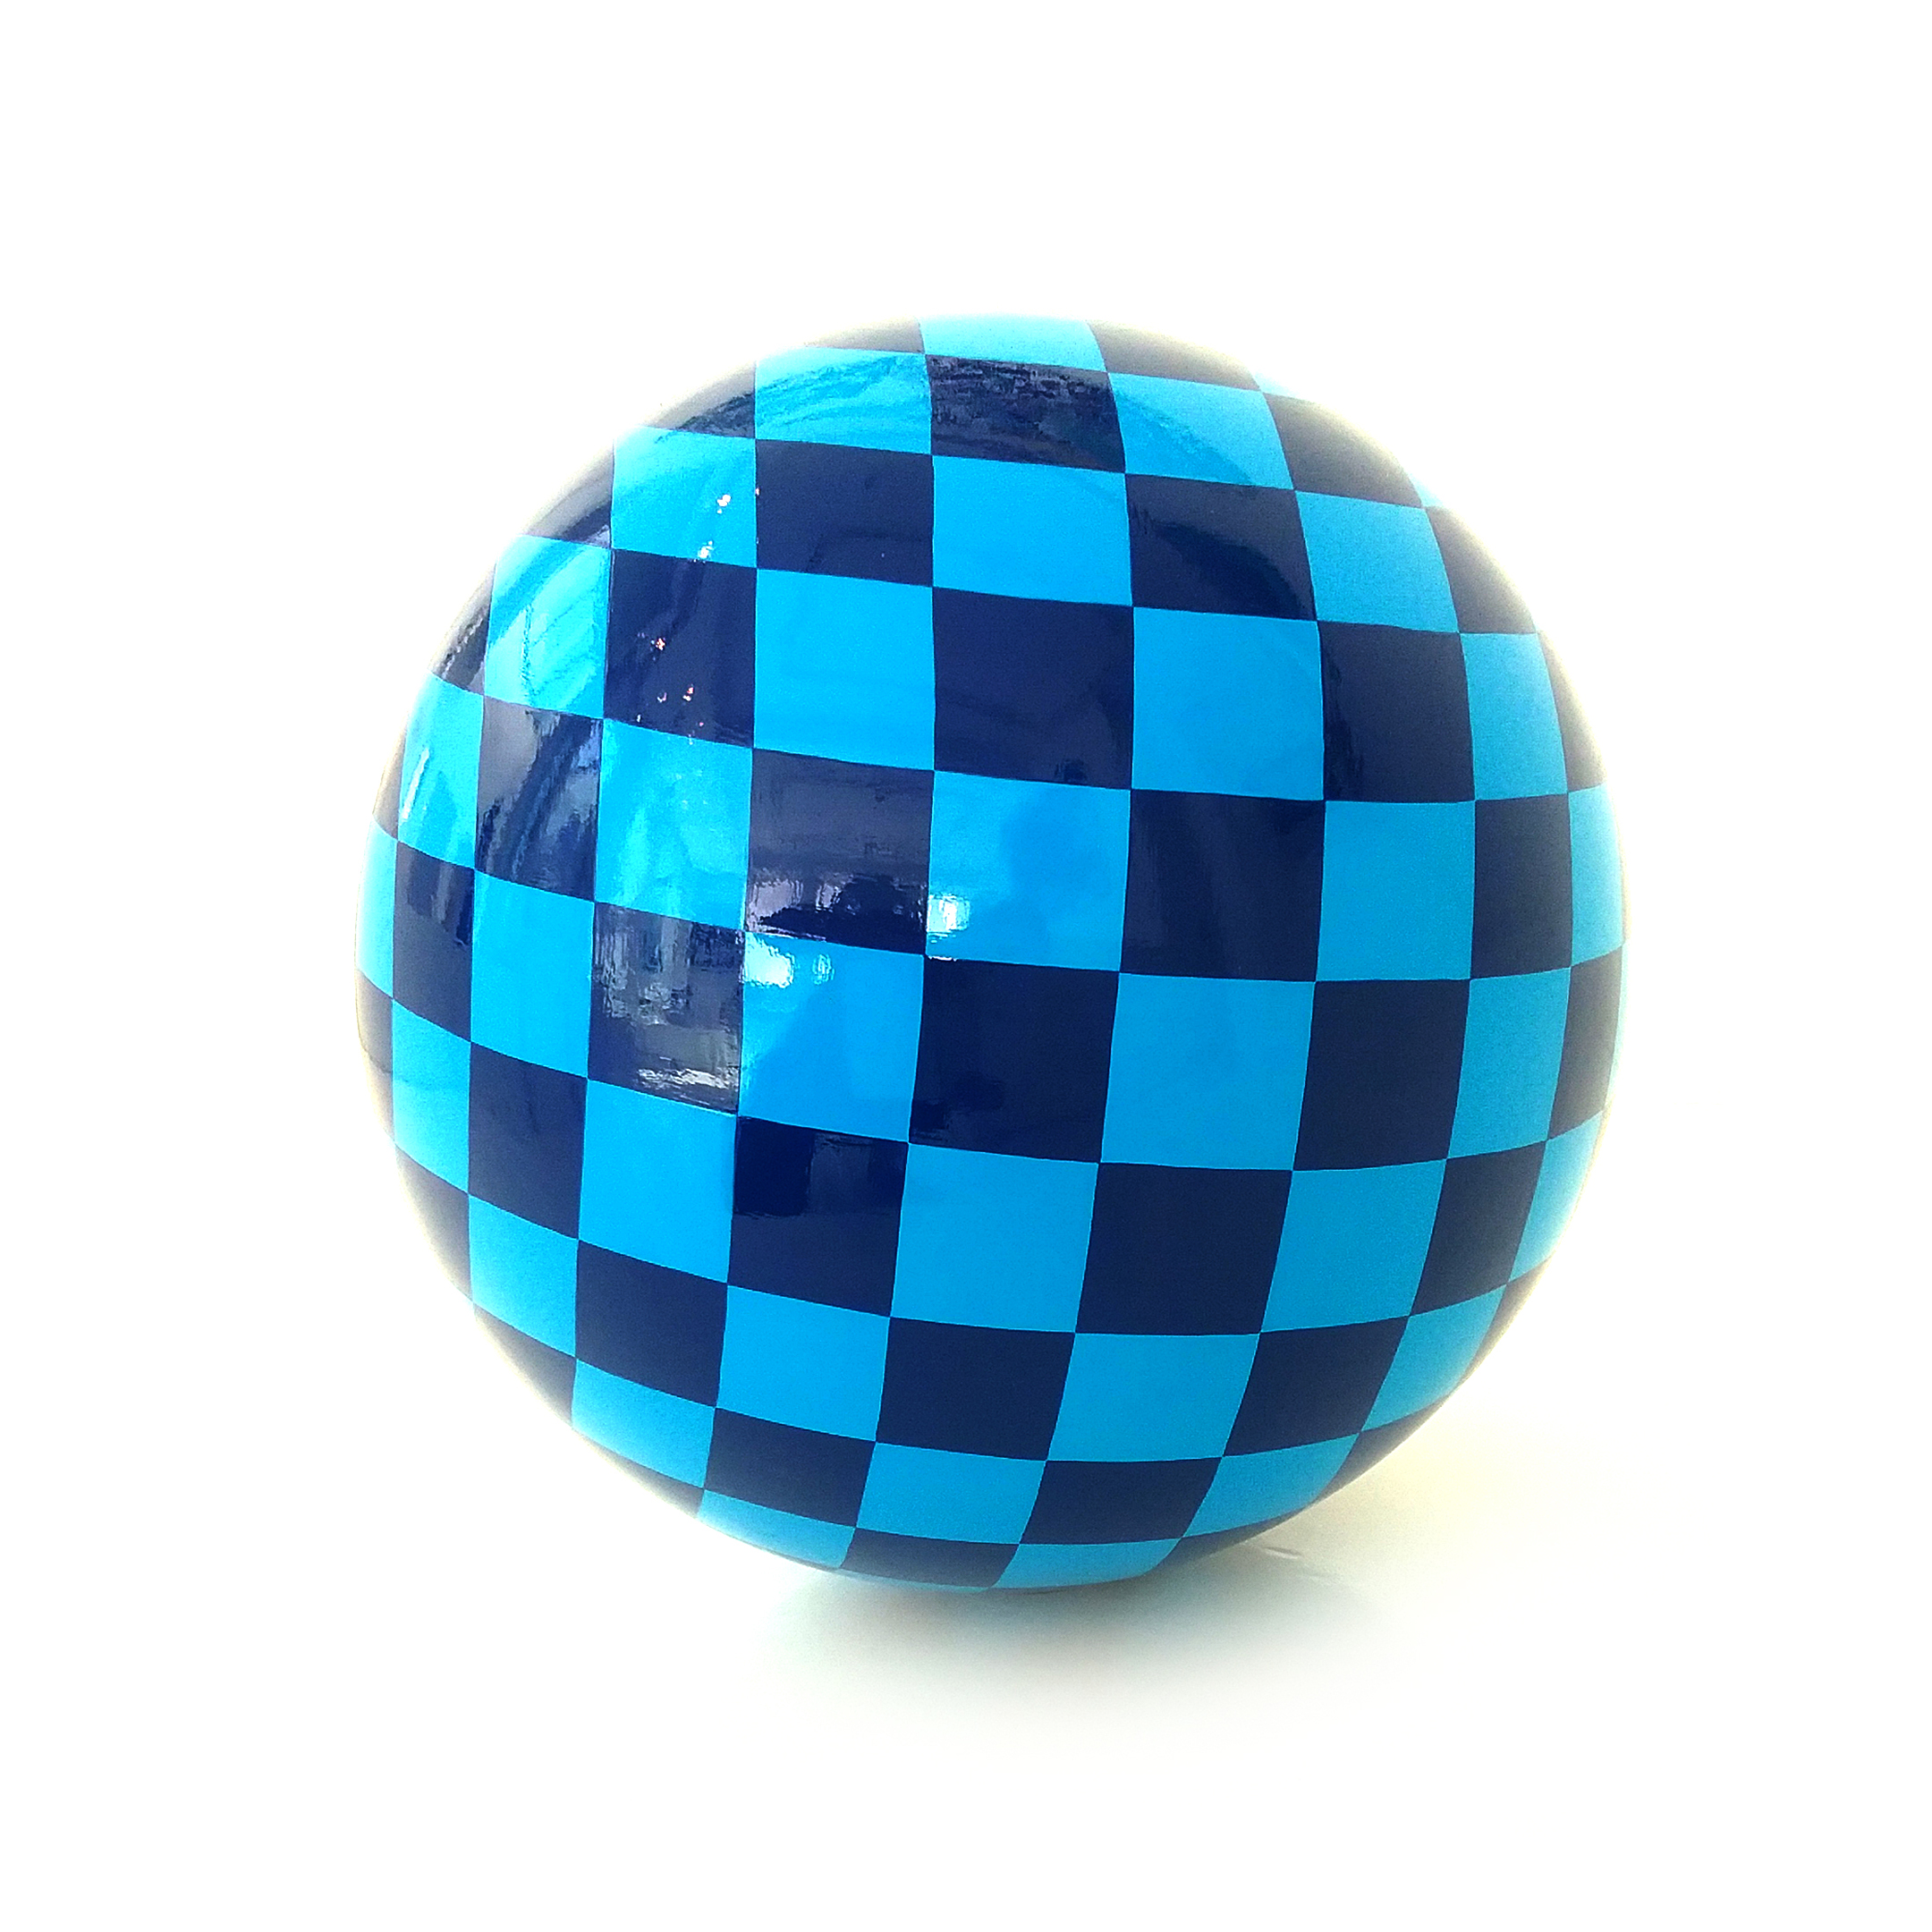 Sphere 2